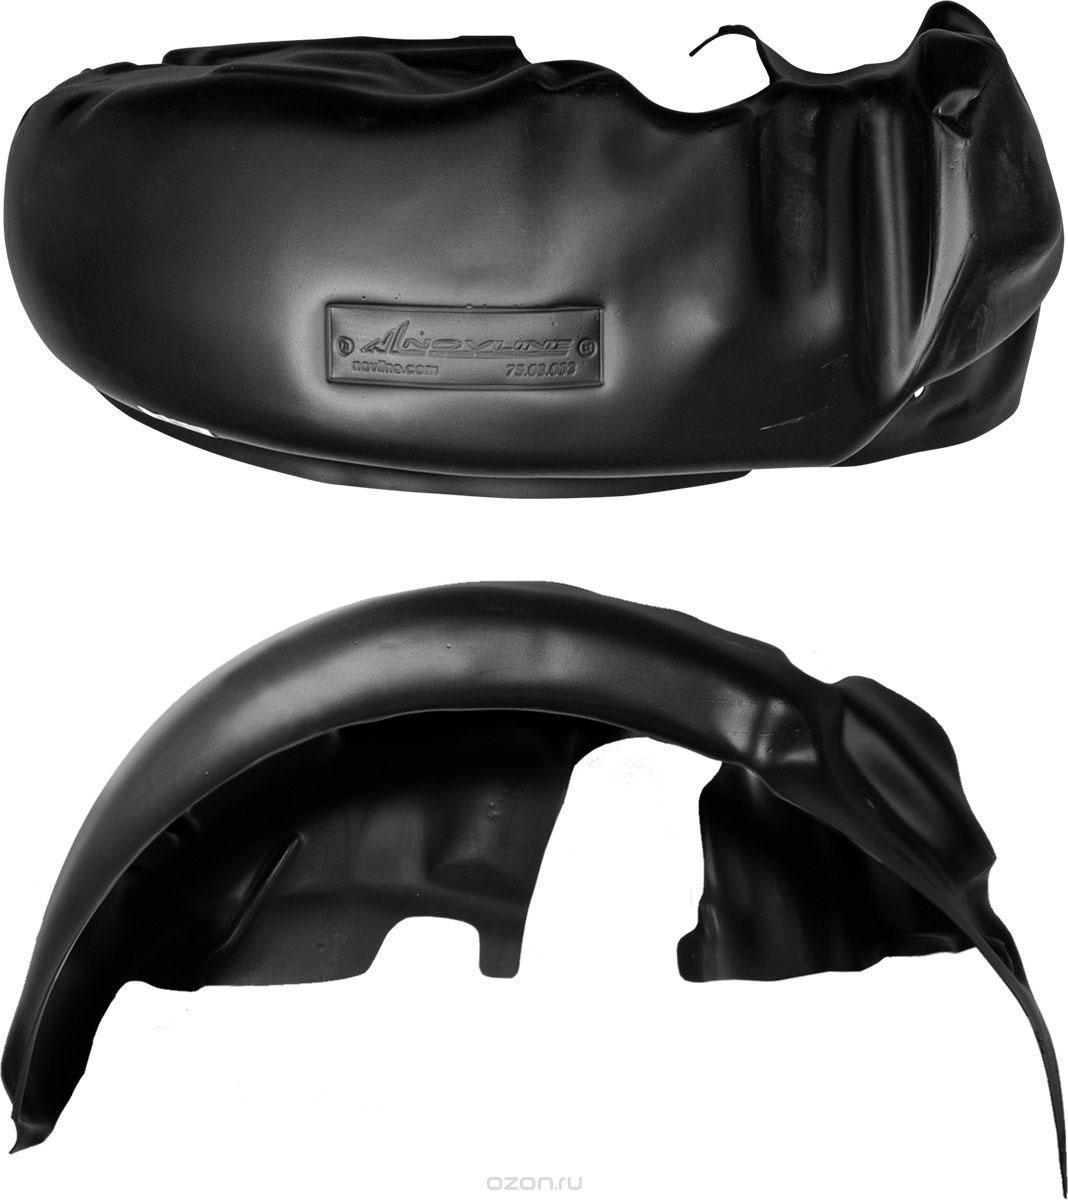 Подкрылок Novline-Autofamily, для DONGFENG S30, 03/2014->, передний правый004504Идеальная защита колесной ниши. Локеры разработаны с применением цифровых технологий, гарантируют максимальную повторяемость поверхности арки. Изделия устанавливаются без нарушения лакокрасочного покрытия автомобиля, каждый подкрылок комплектуется крепежом. Уважаемые клиенты, обращаем ваше внимание, что фотографии на подкрылки универсальные и не отражают реальную форму изделия. При этом само изделие идет точно под размер указанного автомобиля.